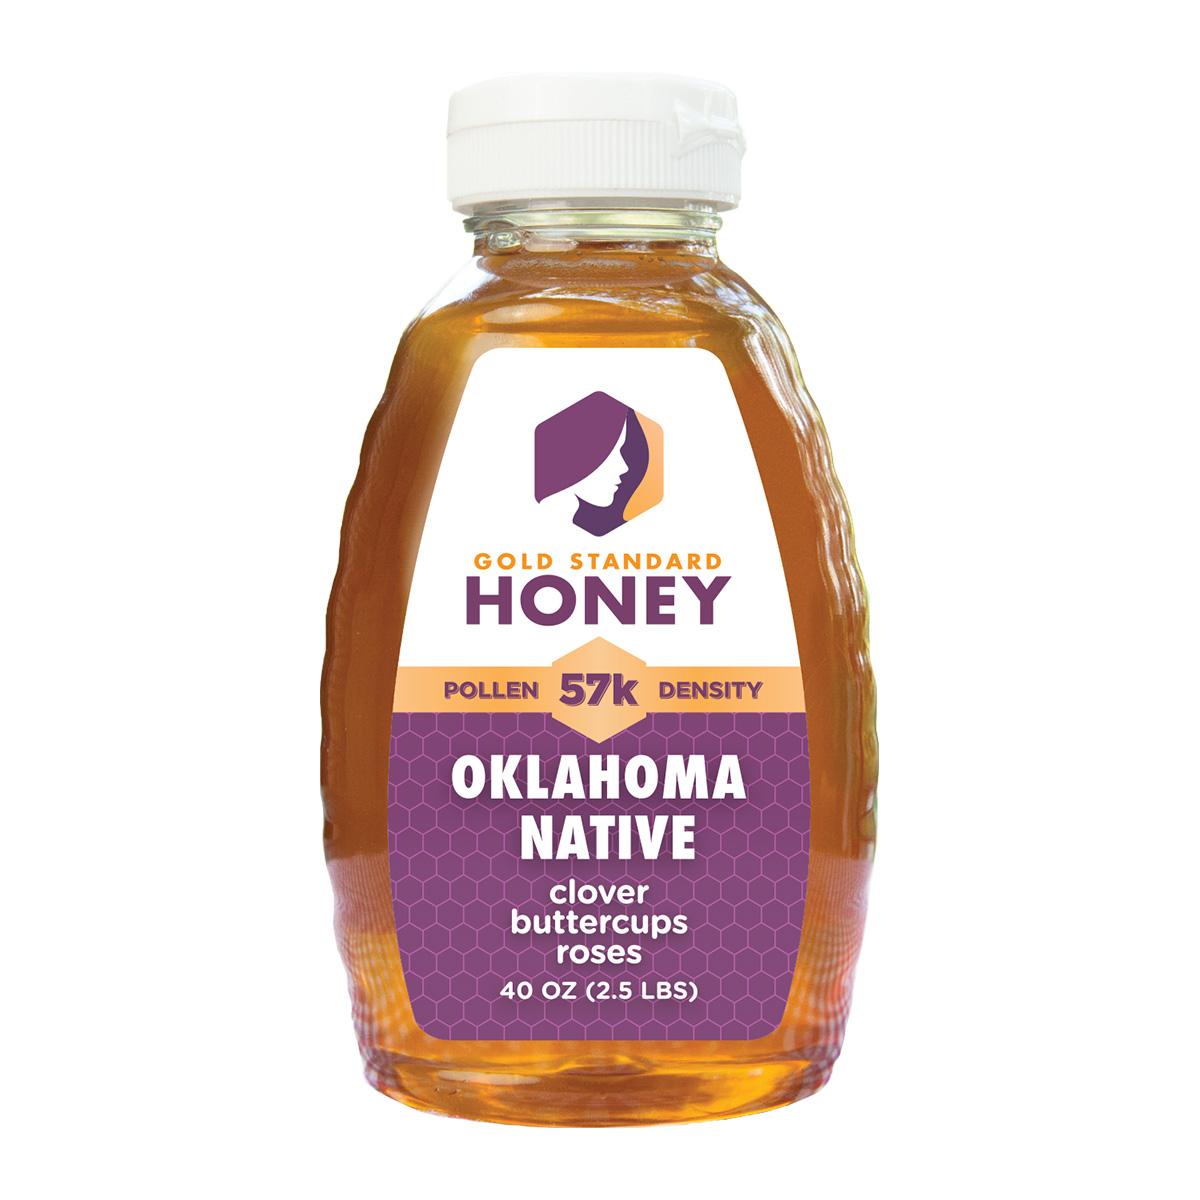 Oklahoma Native Honey